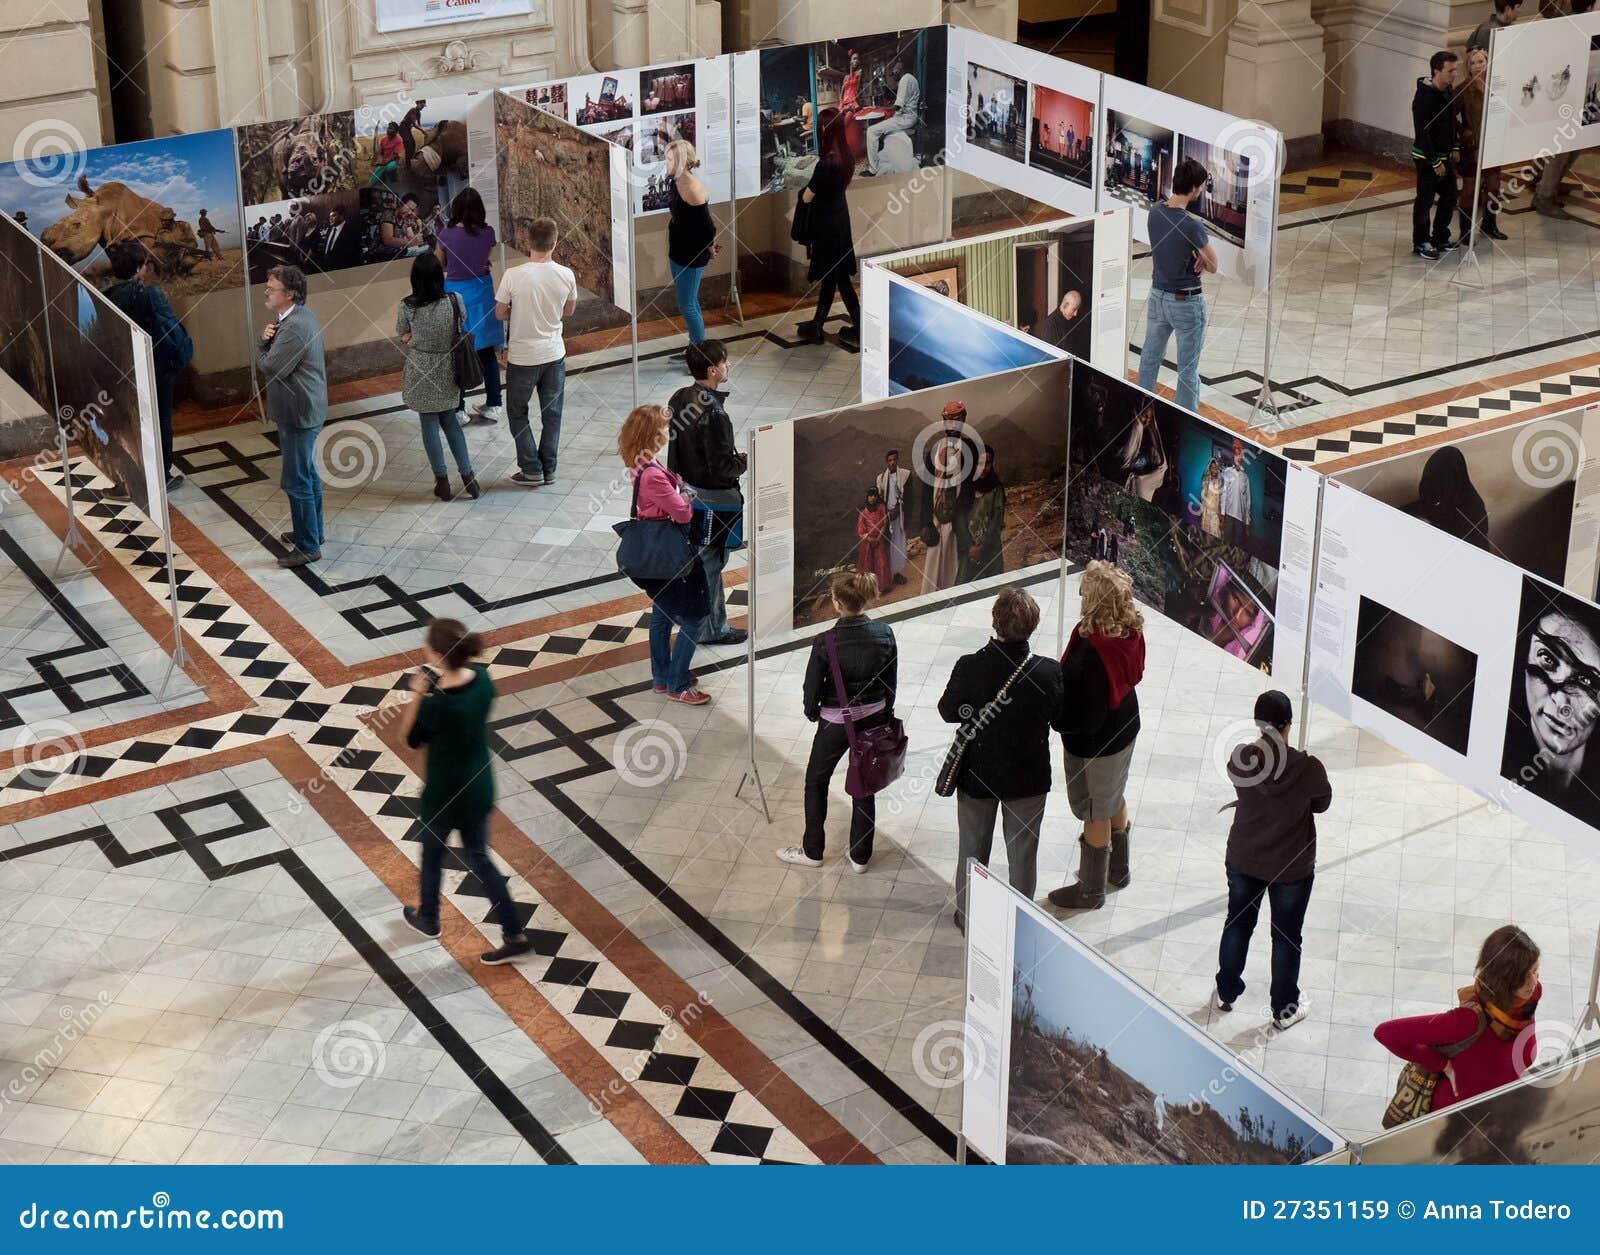 Έκθεση της World Press Photo στη Βουδαπέστη